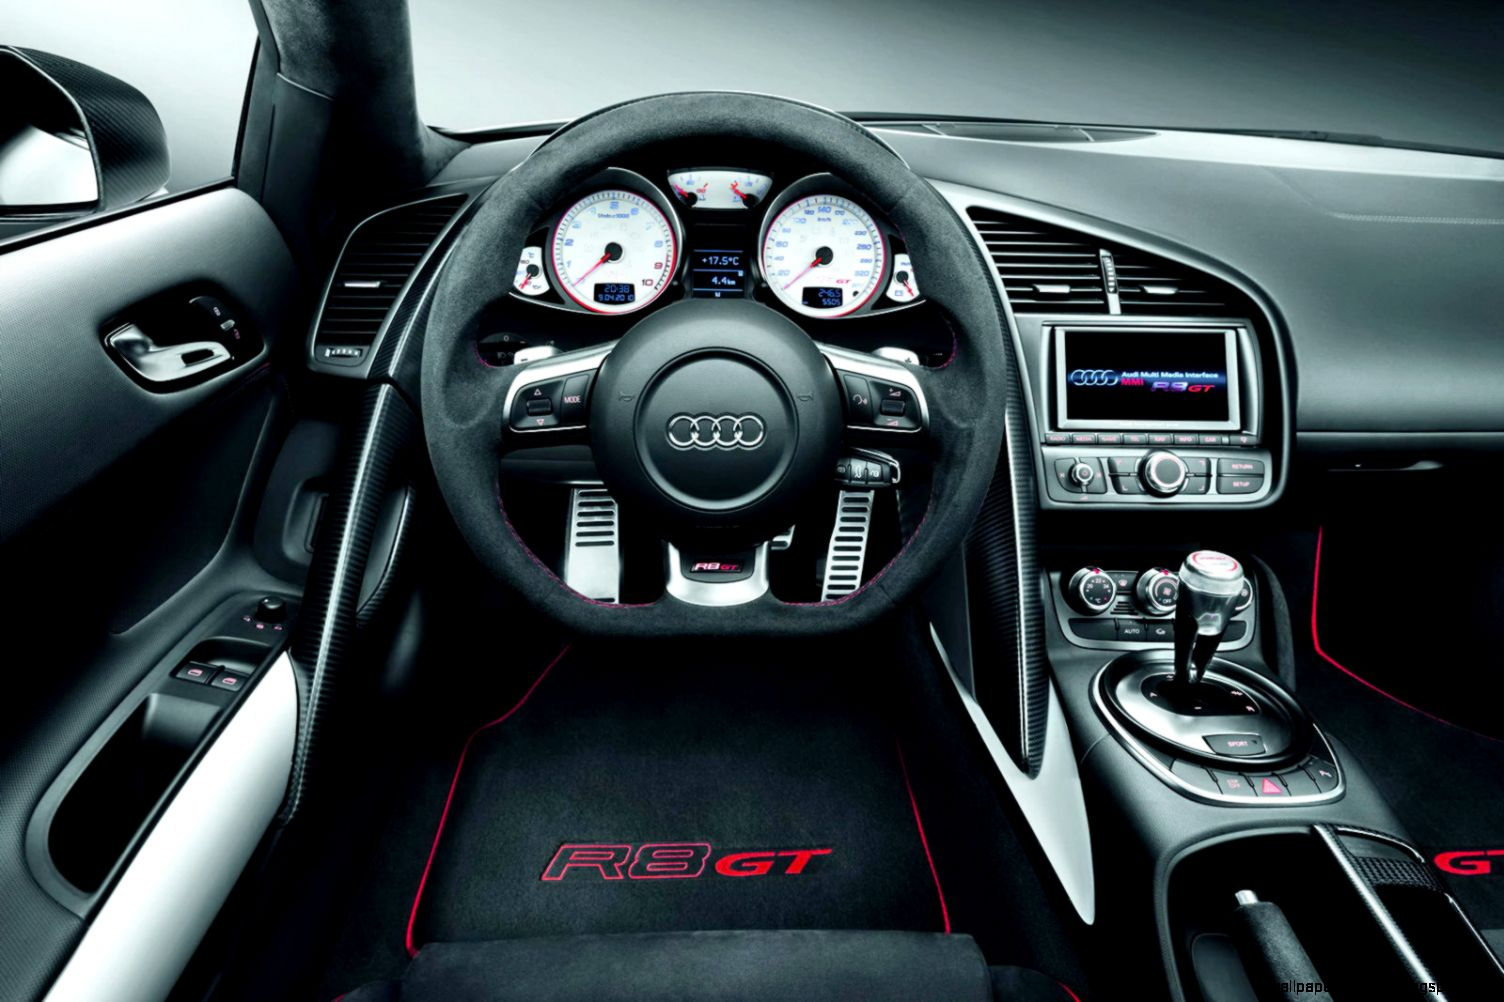 Audi R8 Interior Automatic